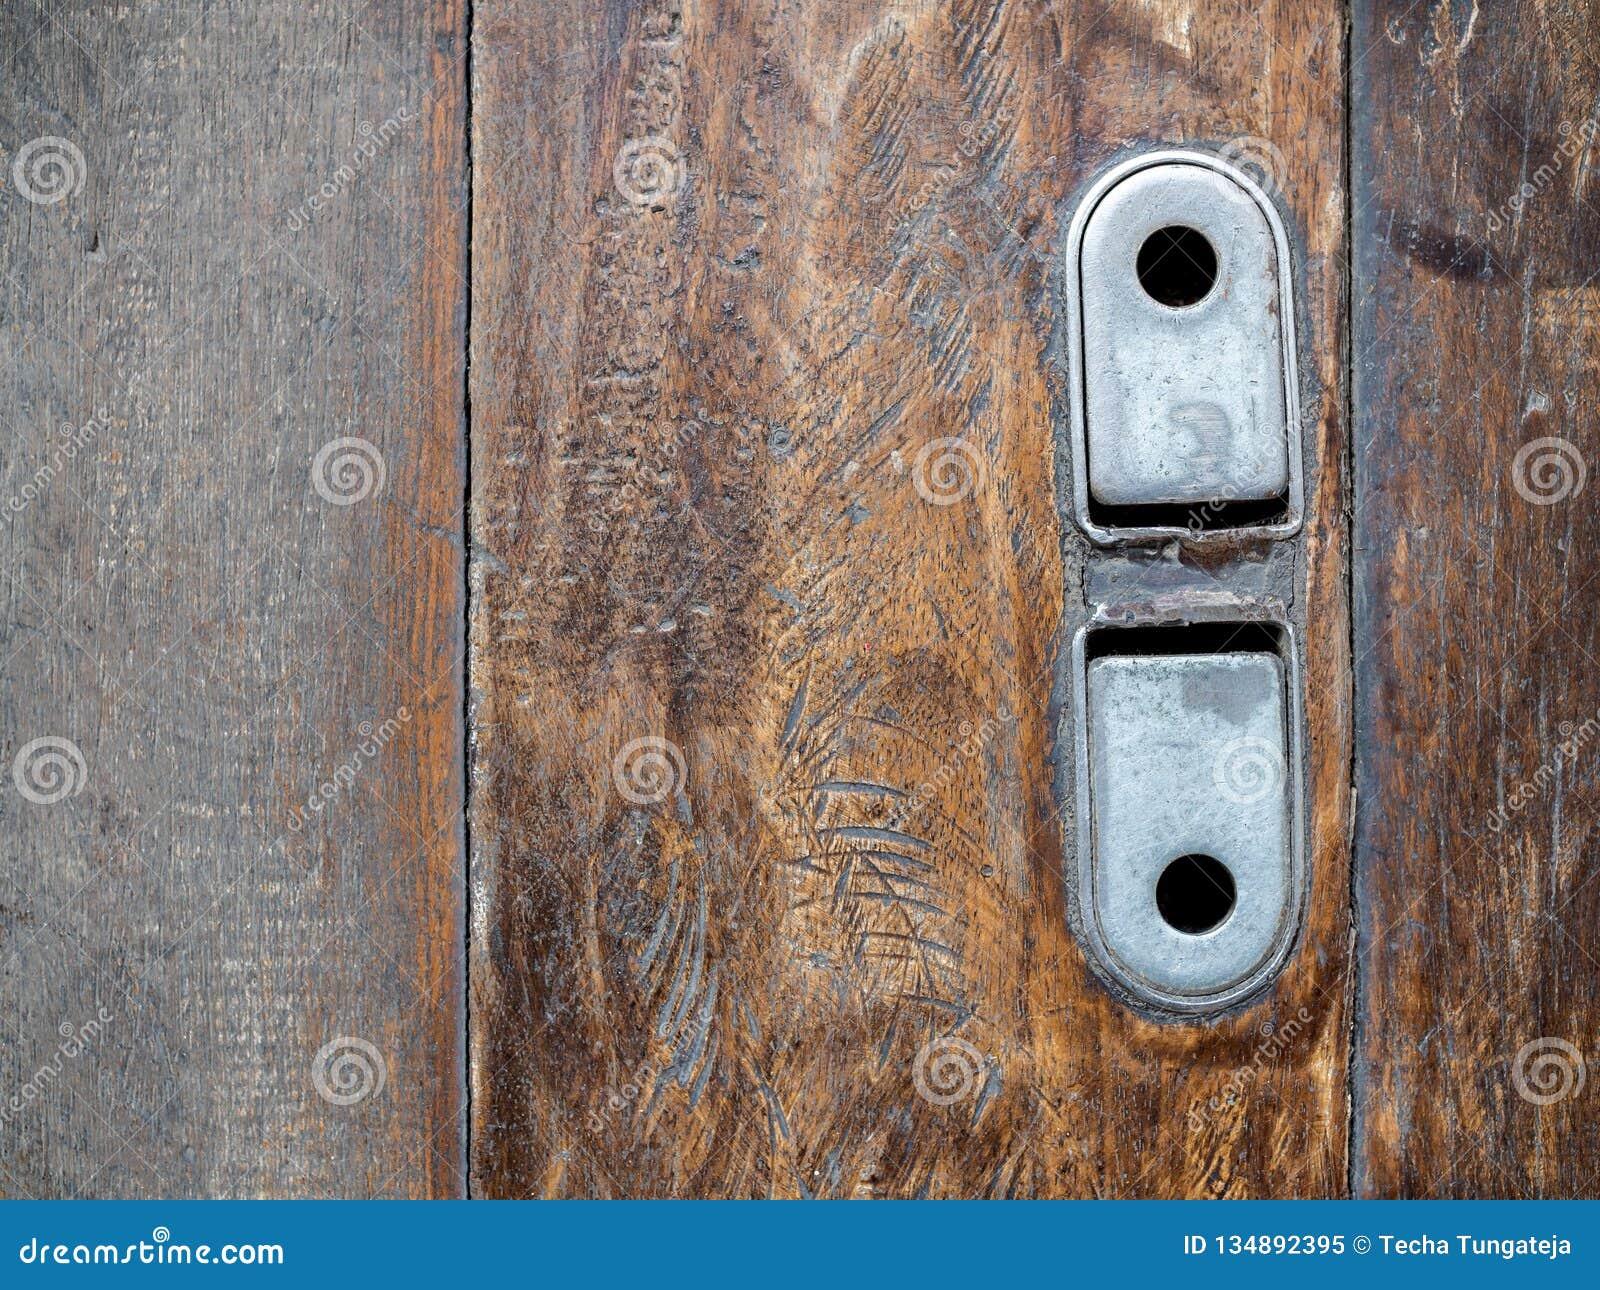 Starego rocznika stalowy kędziorek garaż rolki drzwi na drewnianej podłodze